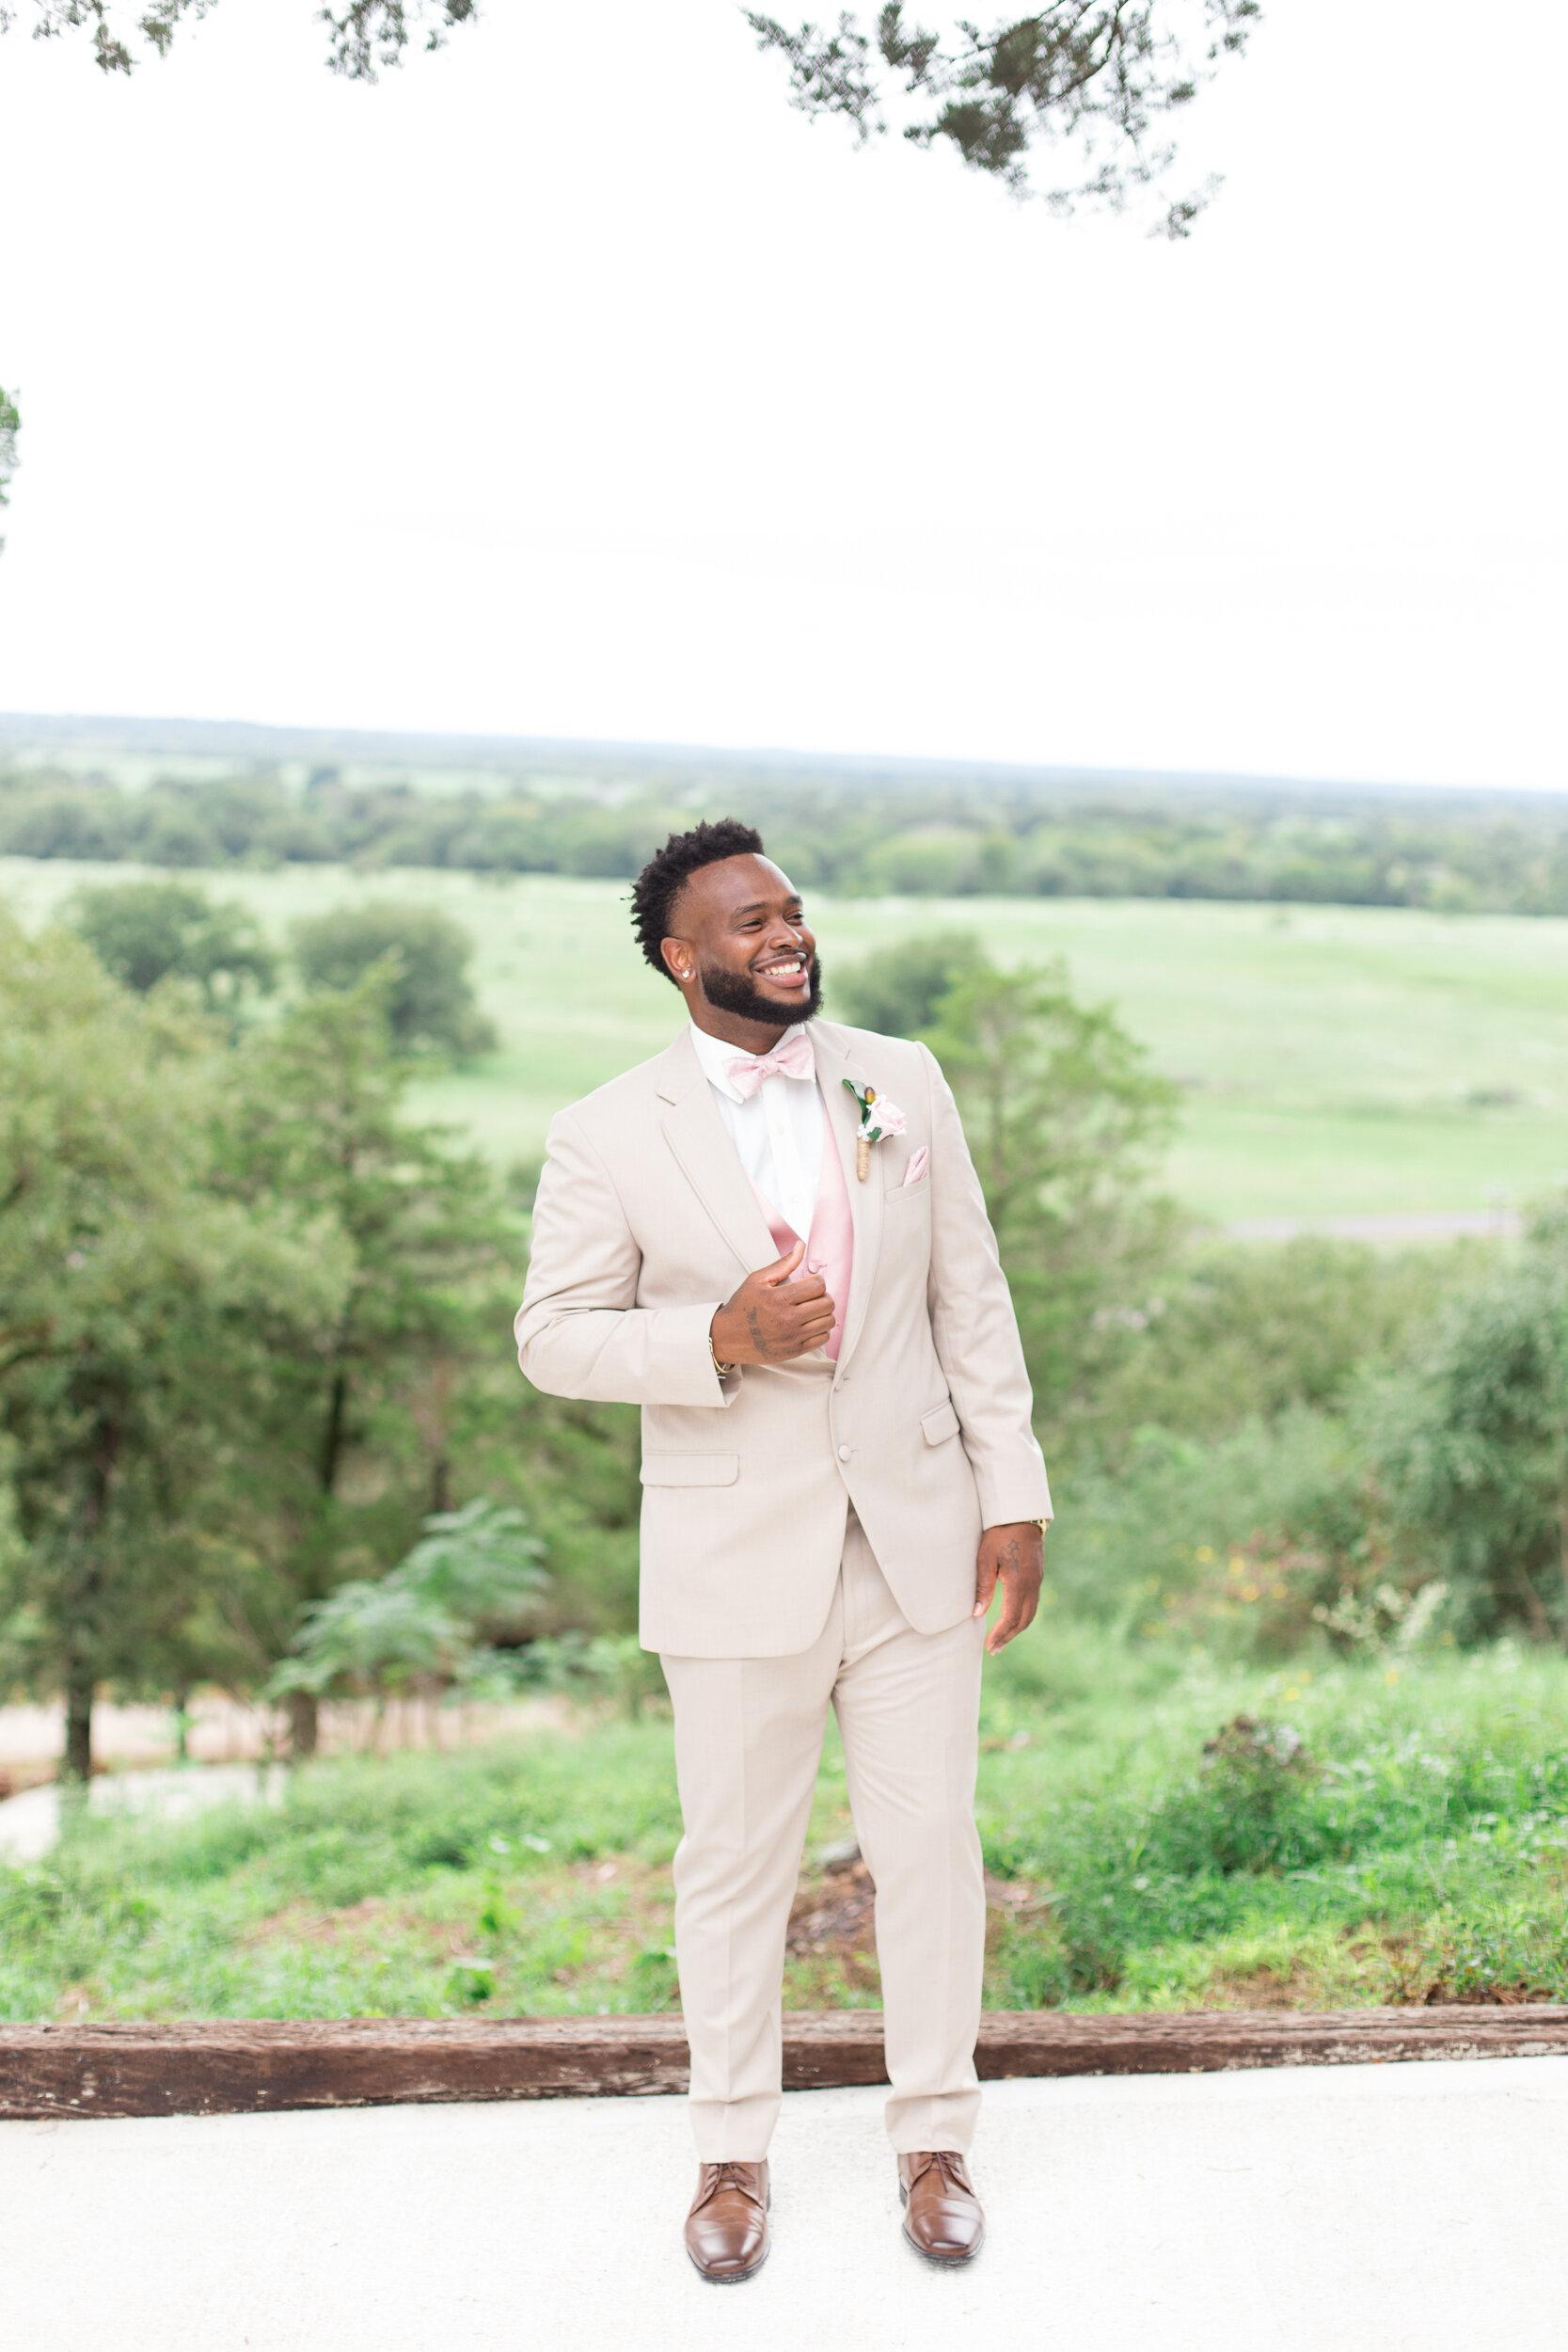 Emanuel-Wedding_kelsiehendricksphotography-31.jpg